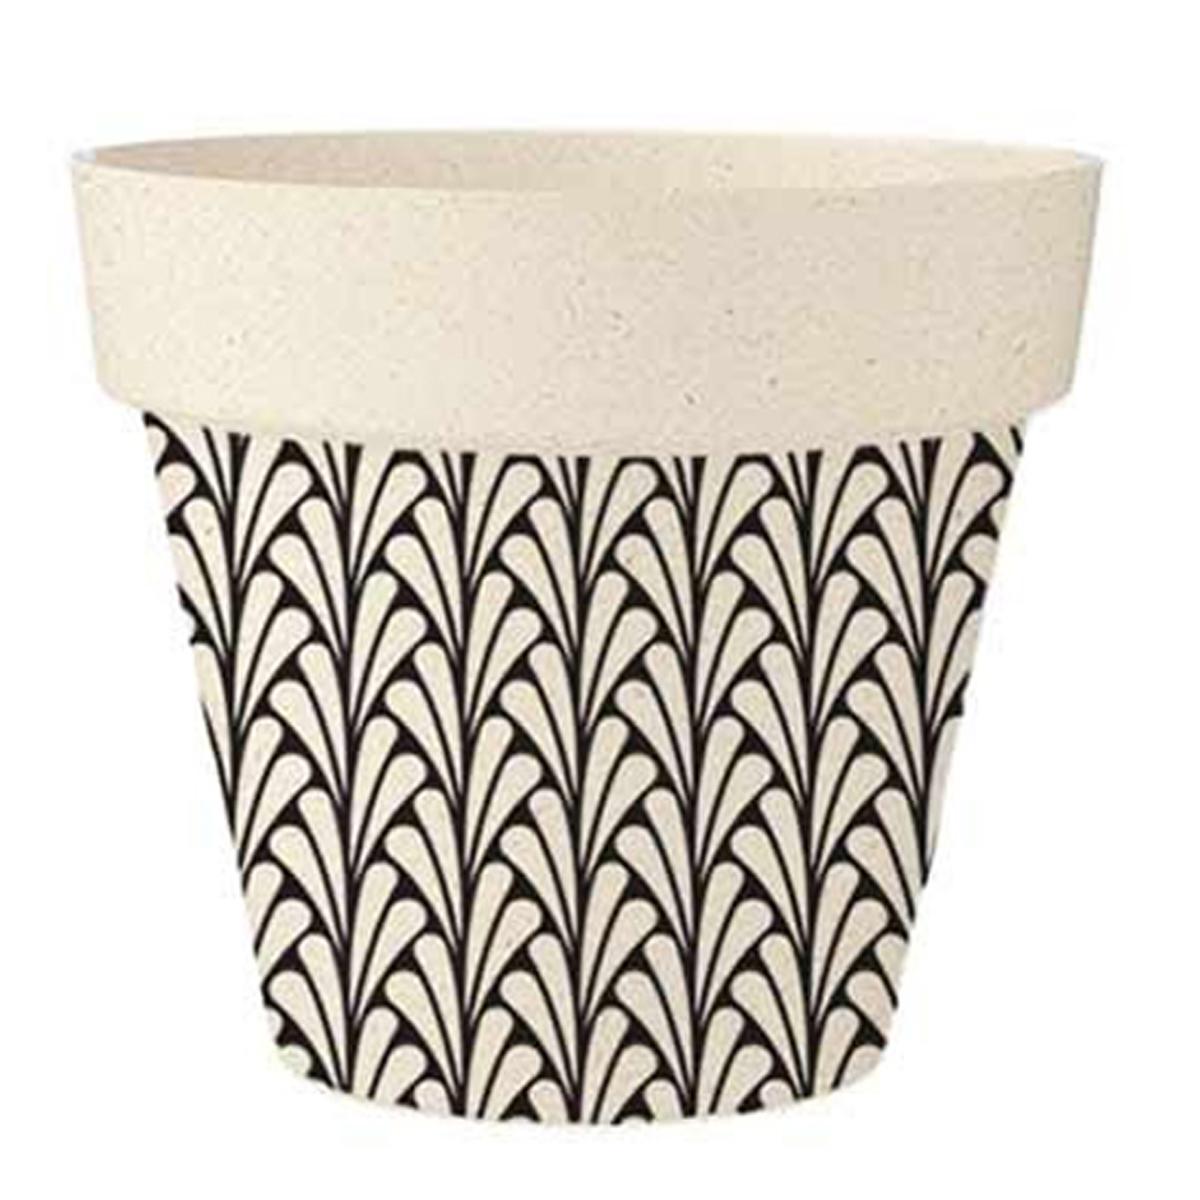 Cache-pot bambou \'Boho\' noir beige - 17x15 cm - [R2220]